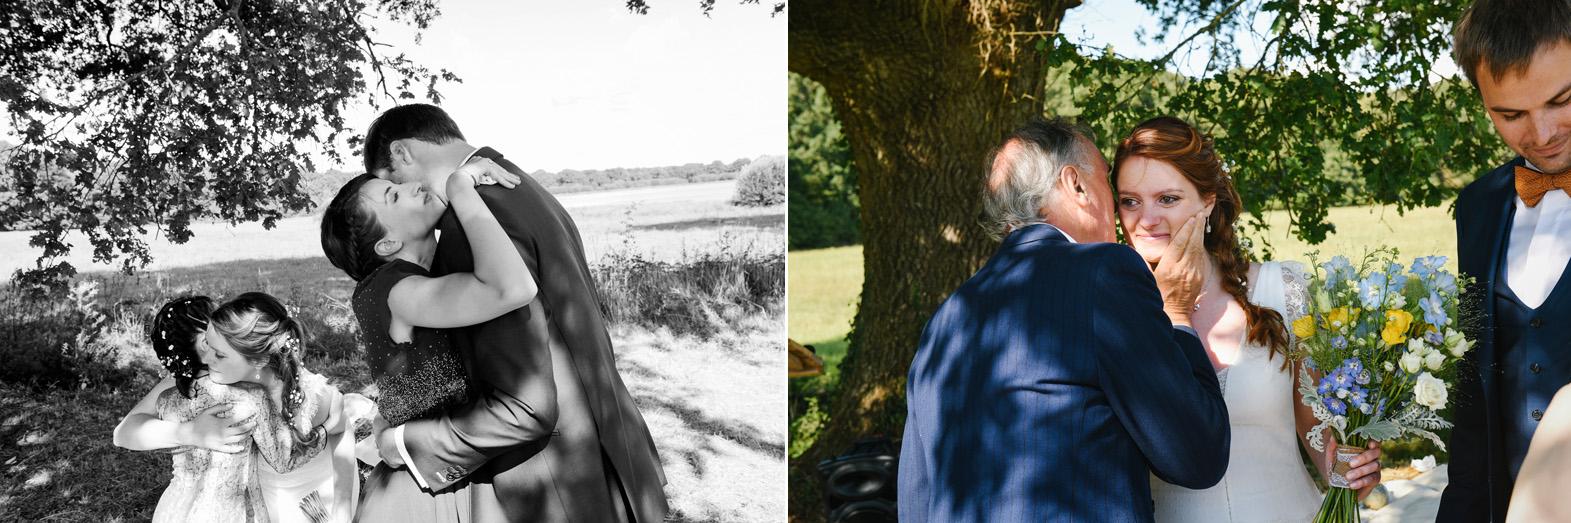 mariage_MT_les Faucheries_72_Sarthe_photographie_clemence_dubois_MEP 12